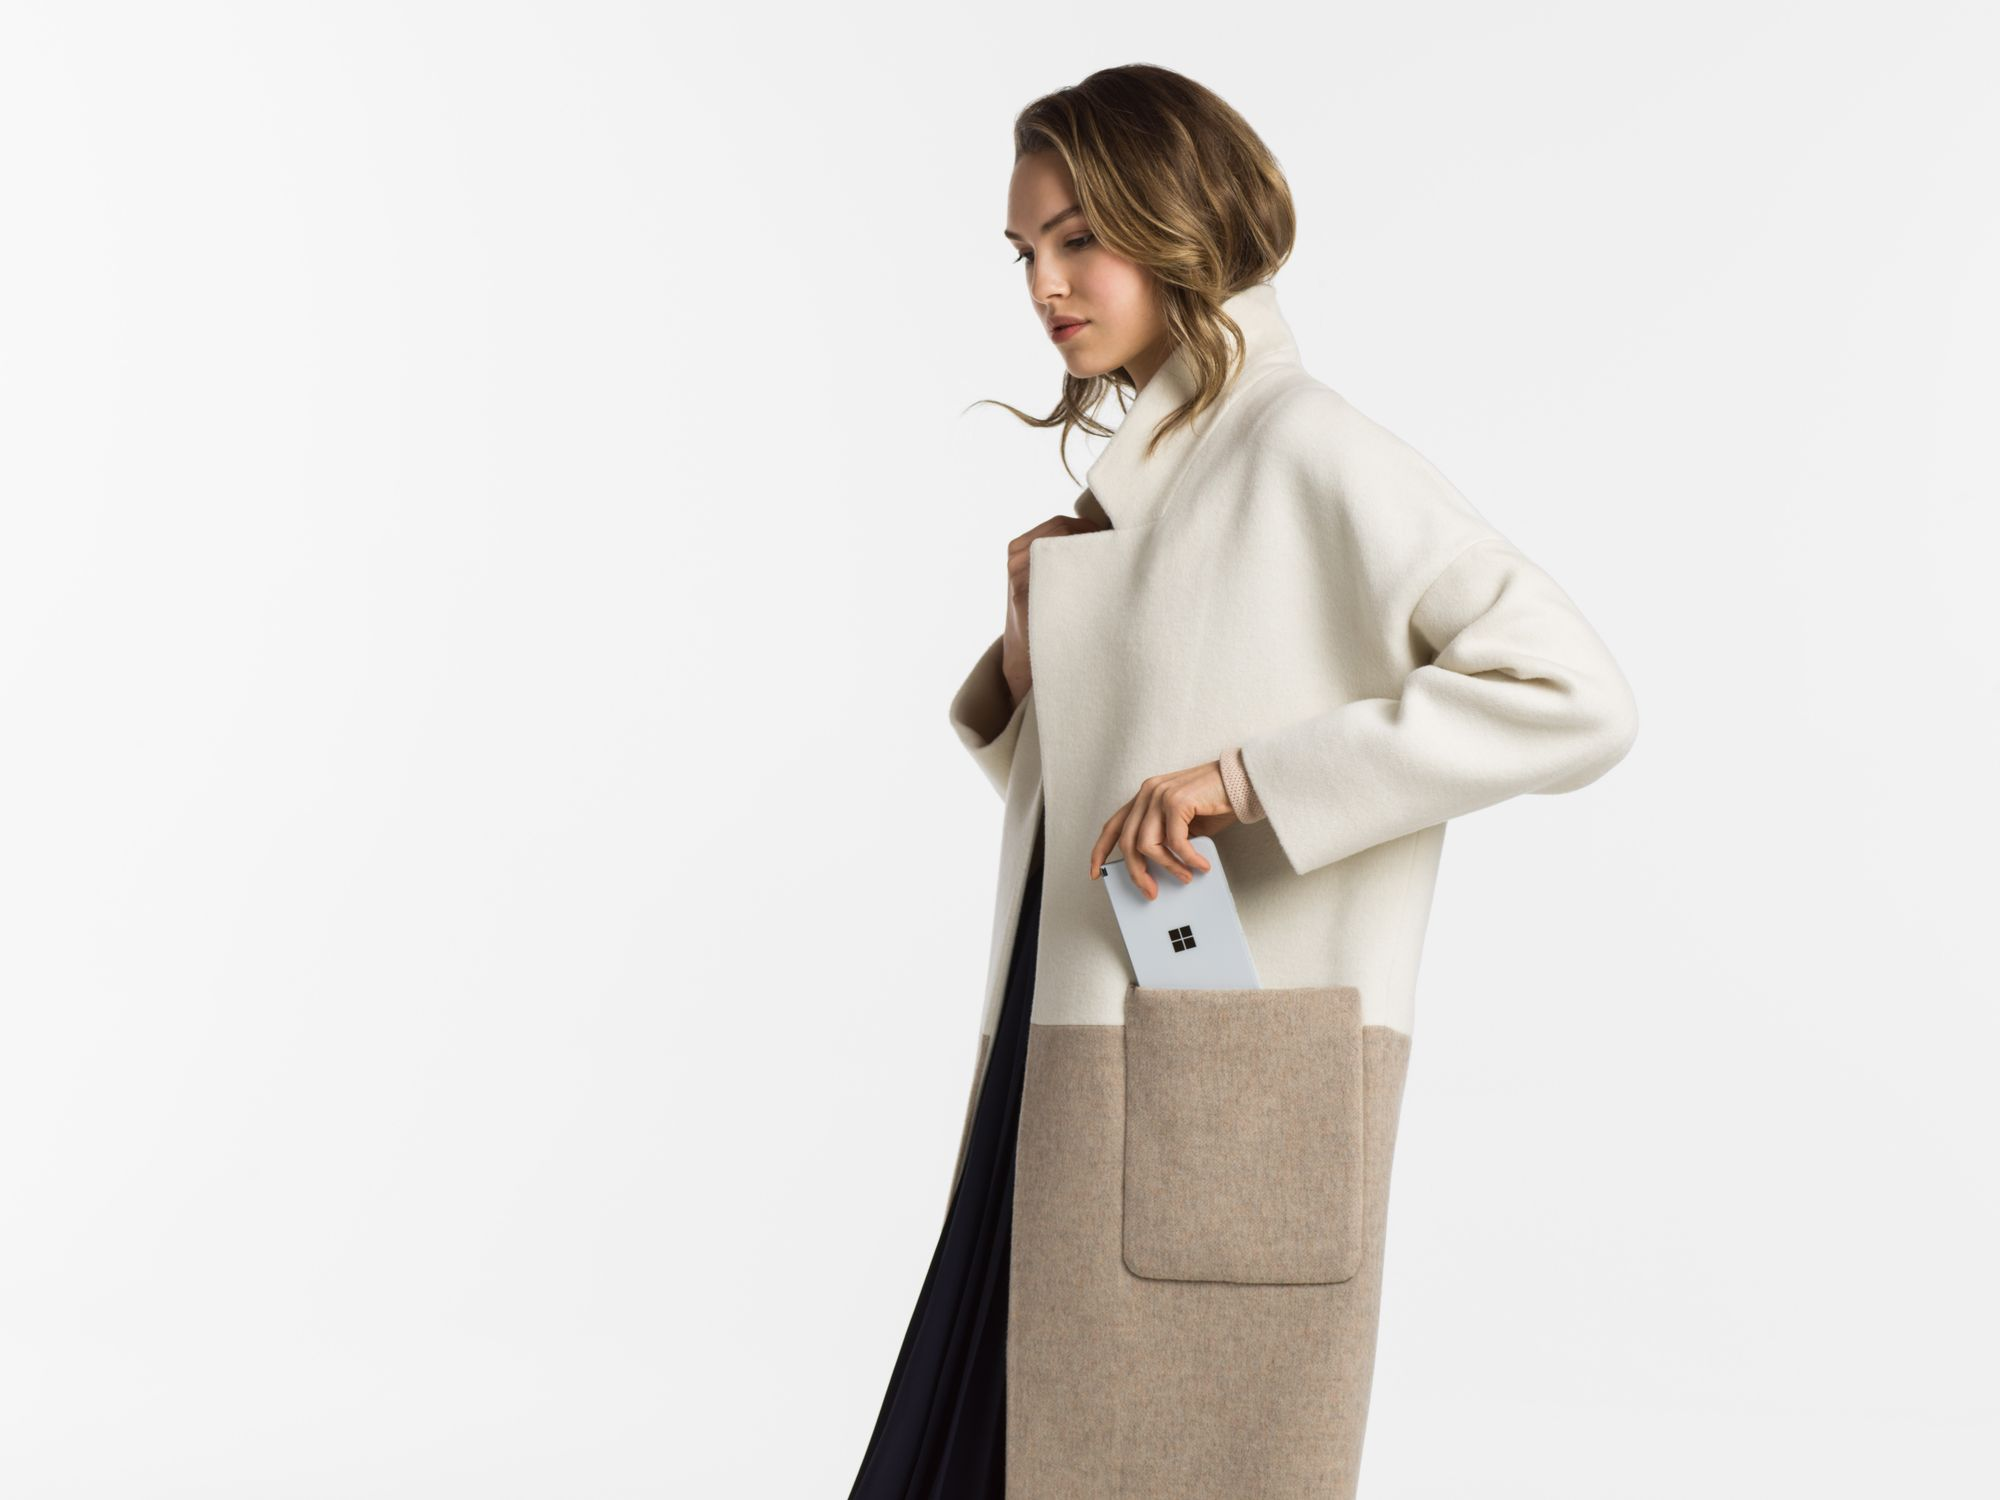 Eine Frau packt das Surface Duo in die Seitentasche Ihres Mantels